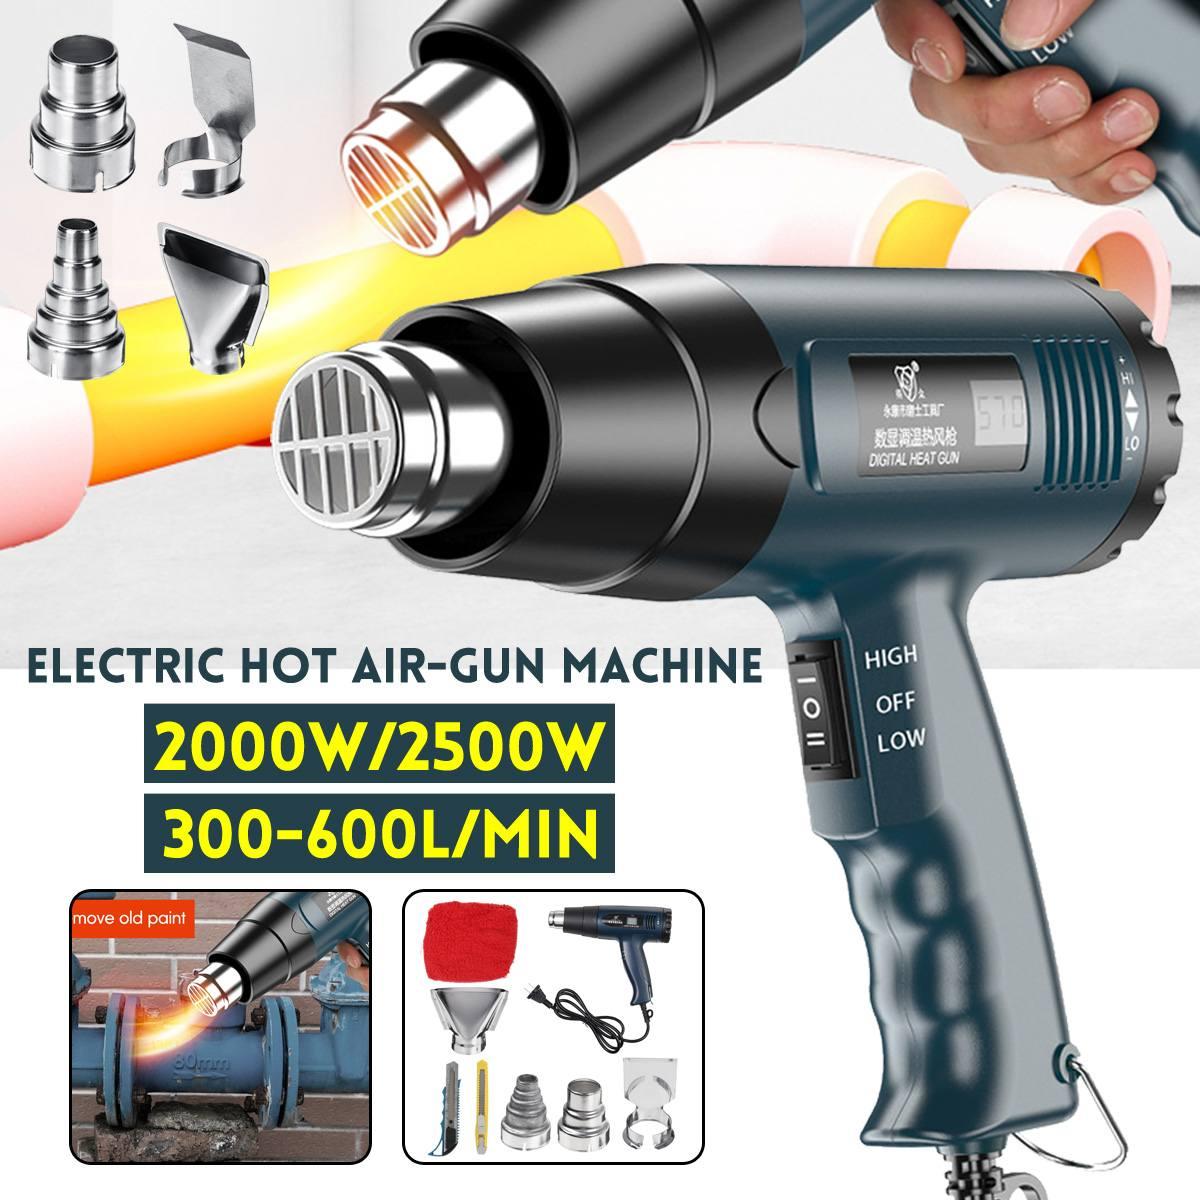 Pistolas de aire caliente eléctricas digitales de 2500W y 220V ajustables sin escalonamiento, herramientas para soldar con secador de pelo para edificios